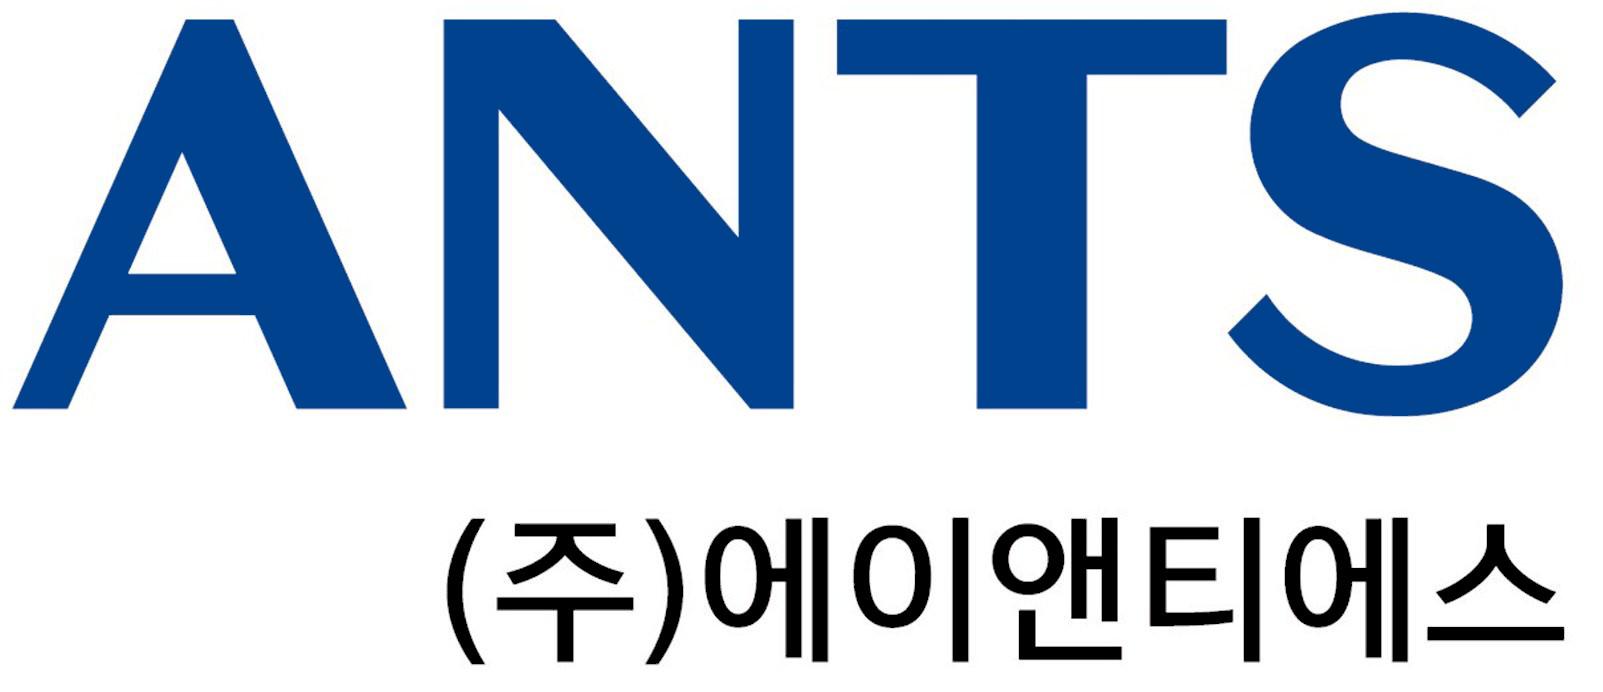 SK의 계열사 (주)에이앤티에스의 로고